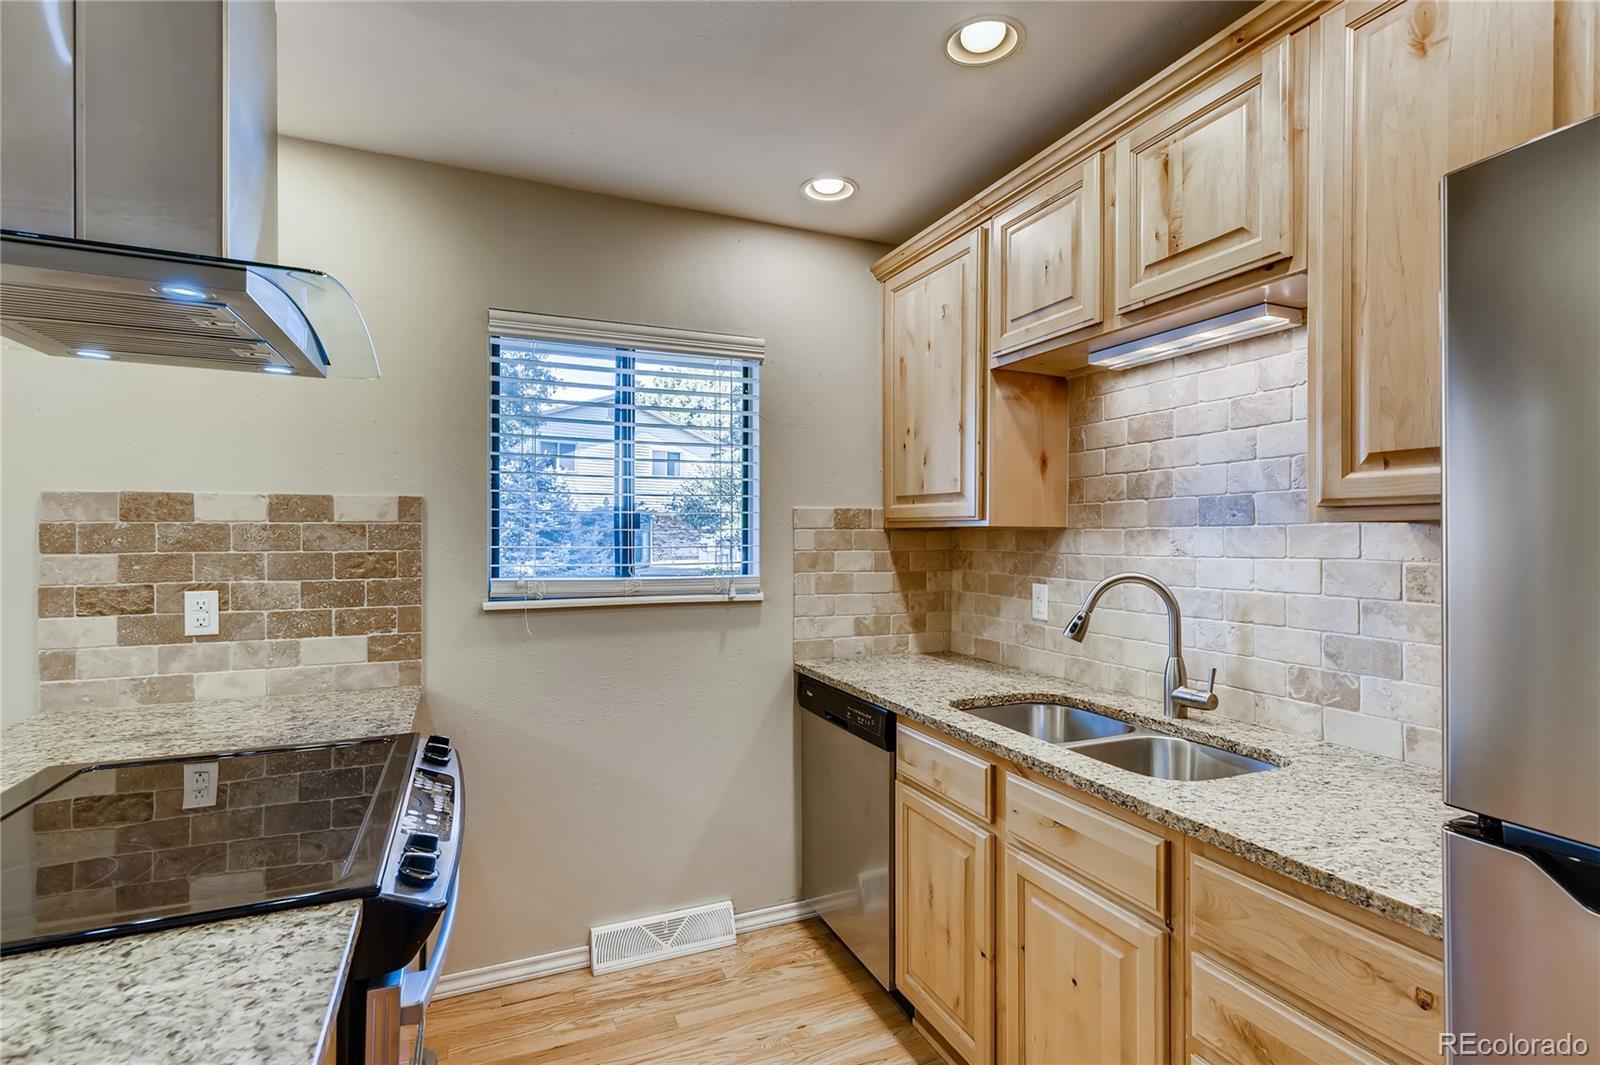 MLS# 6454303 - 8 - 13566 W Auburn Avenue, Lakewood, CO 80228